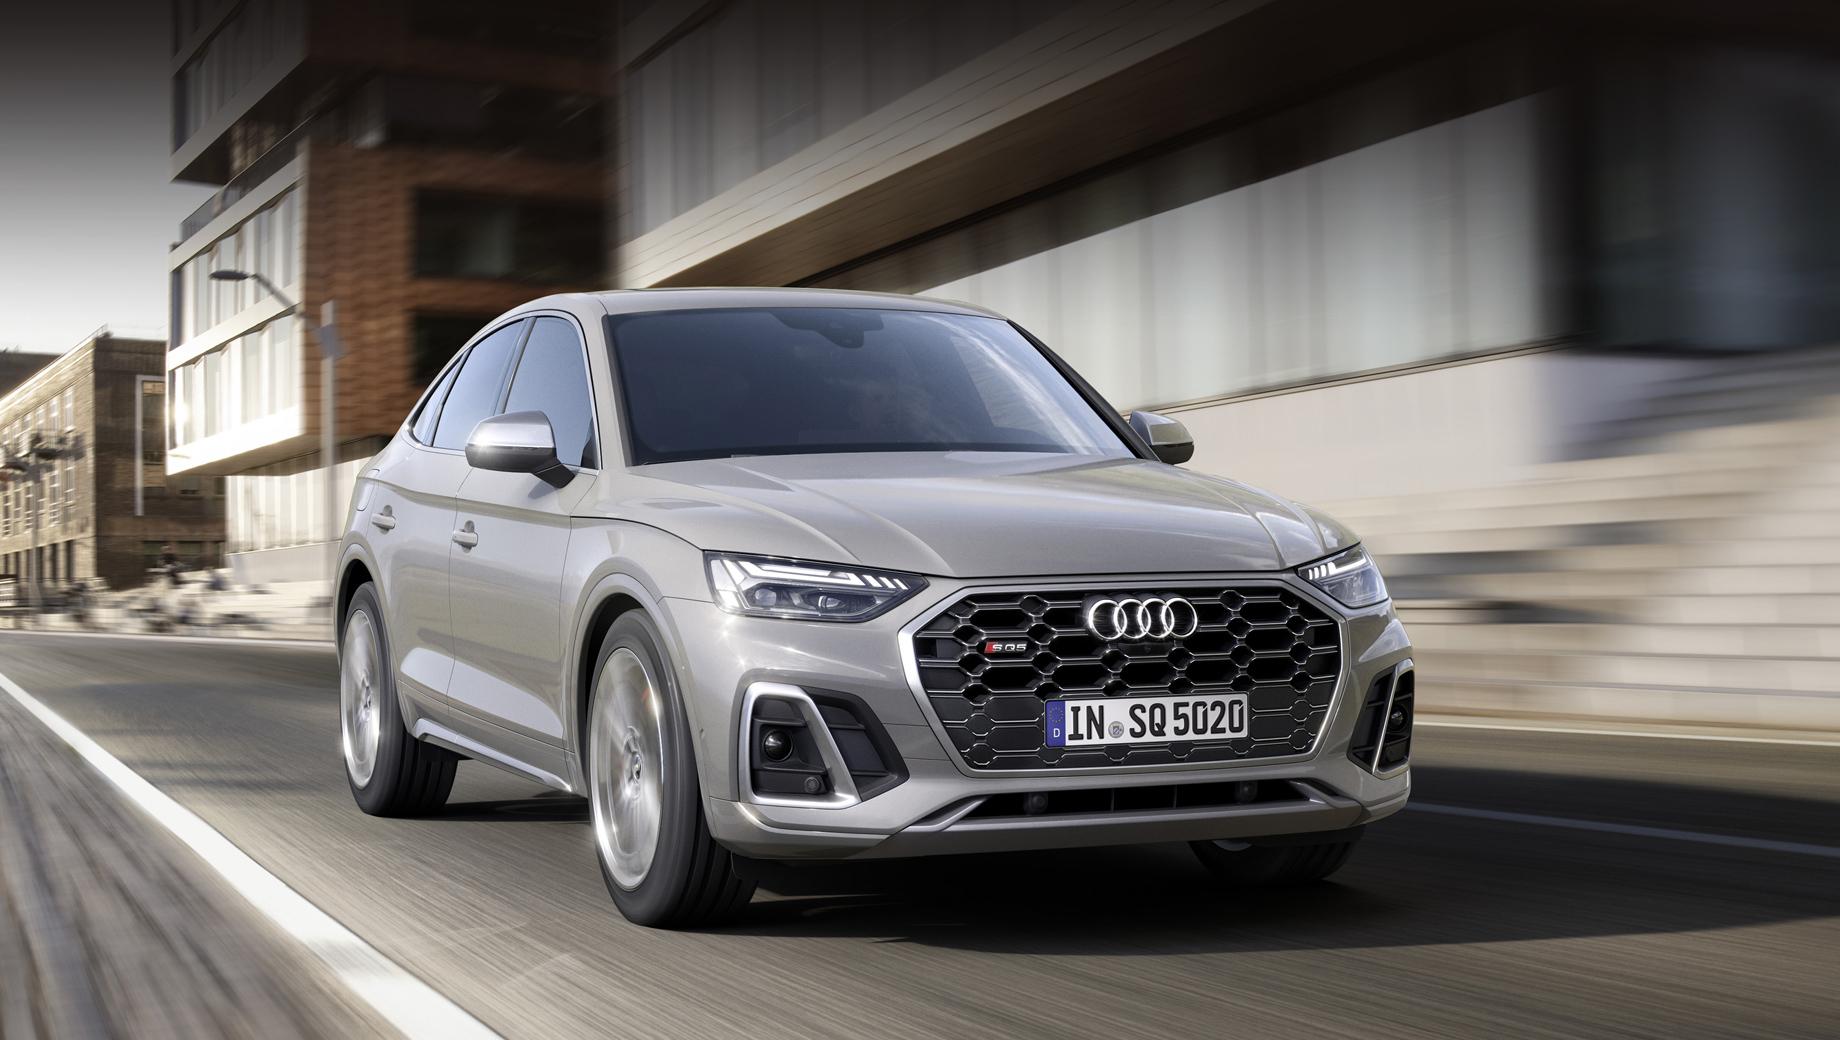 Audi q5,Audi q5 sportback,Audi sq5,Audi sq5 sportback,Audi sq5 sportback tdi. Визуально SQ5 Sportback TDI следует за собратом SQ5 и щеголяет расширенными воздухозаборниками, а ещё вставками в бамперах под матовый алюминий. Опции: матричные фары Matrix LED и «цифровые» фонари на органических диодах Digital OLED.